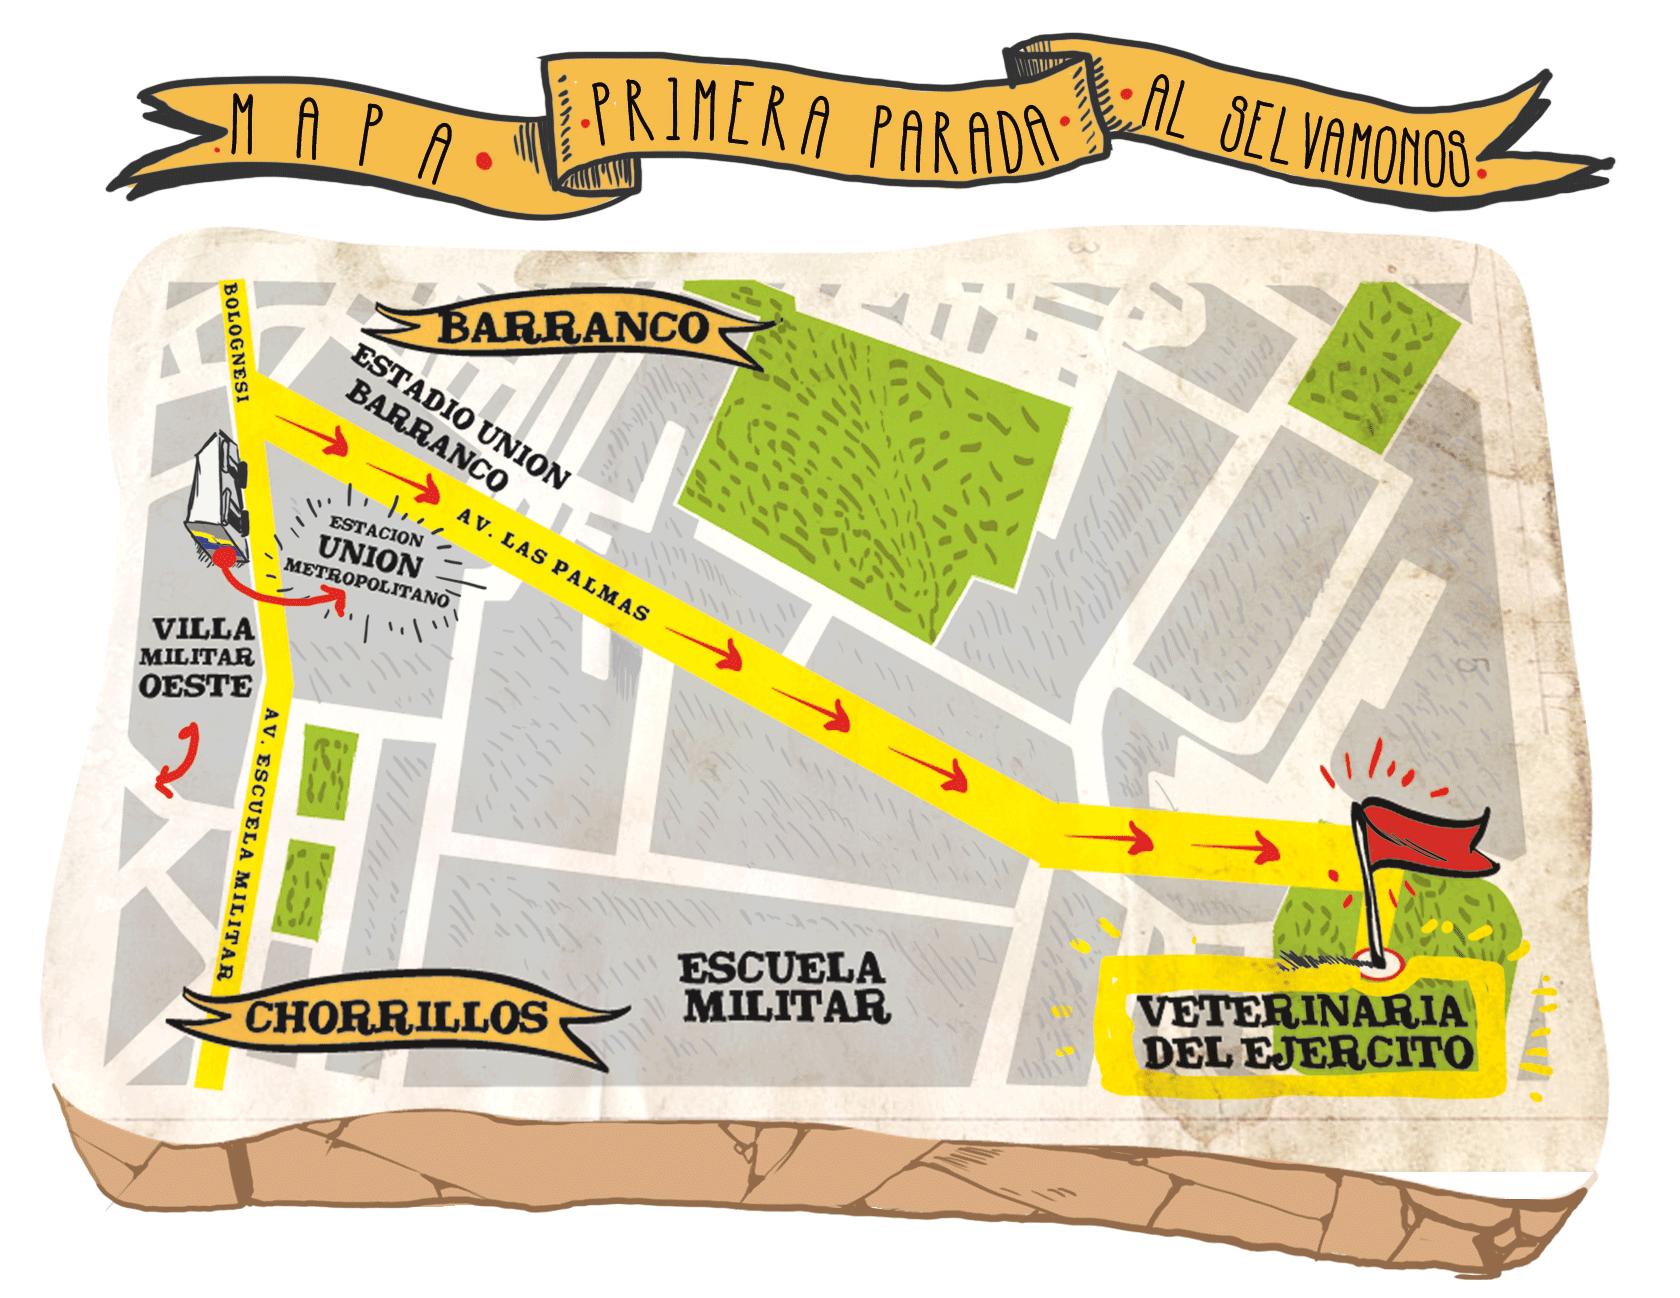 mapa-selvamonos